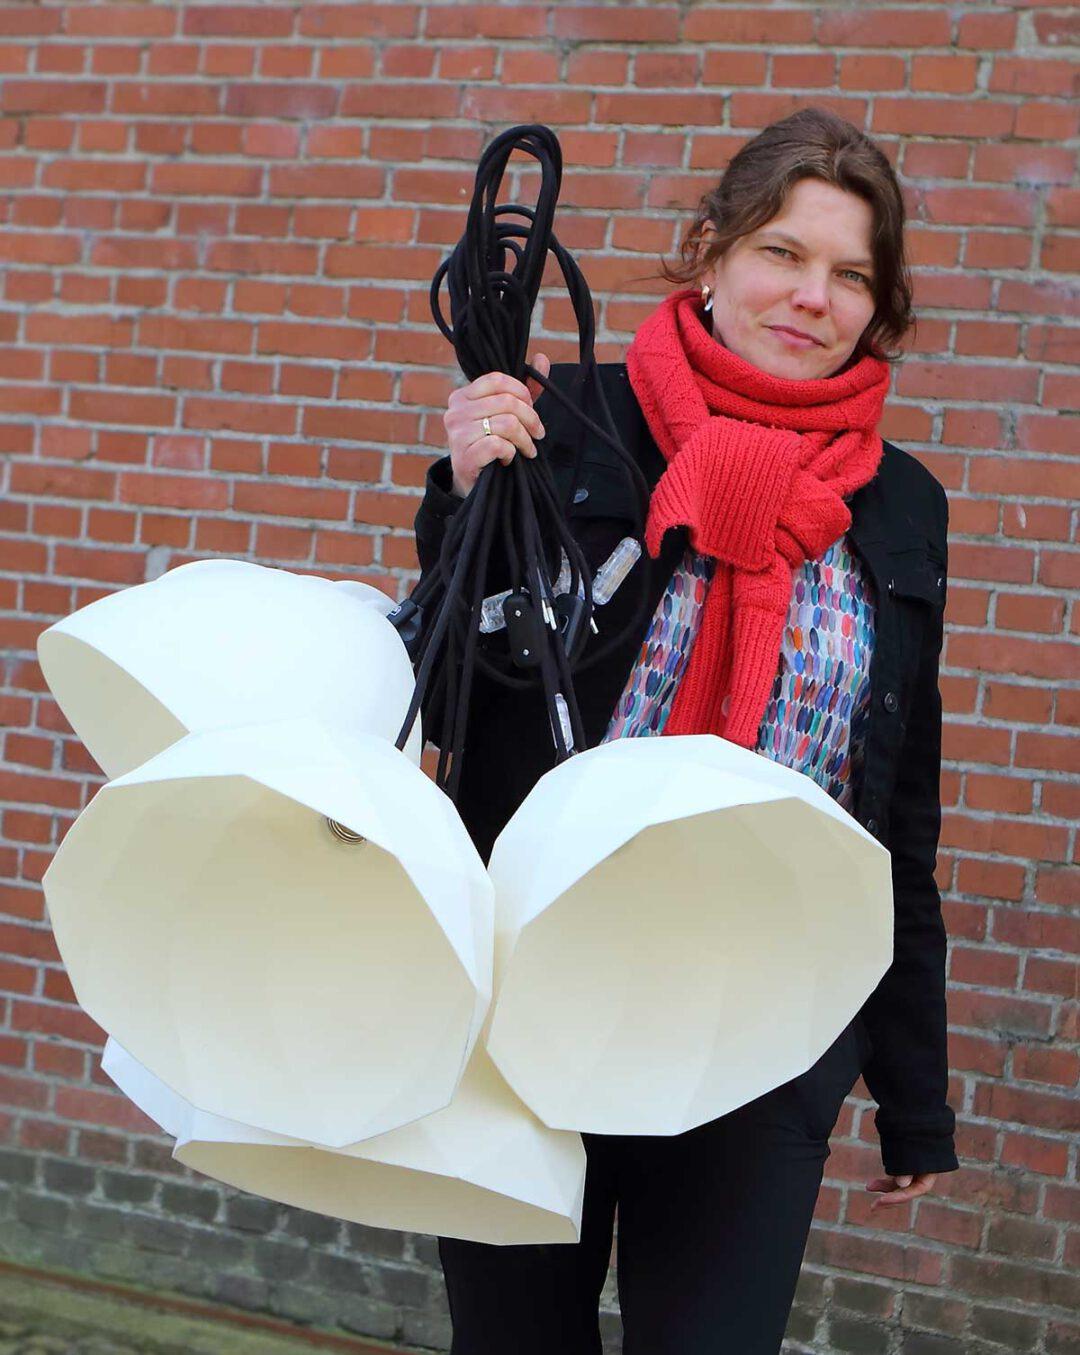 Evelien ontwerper van de tovvel lamp